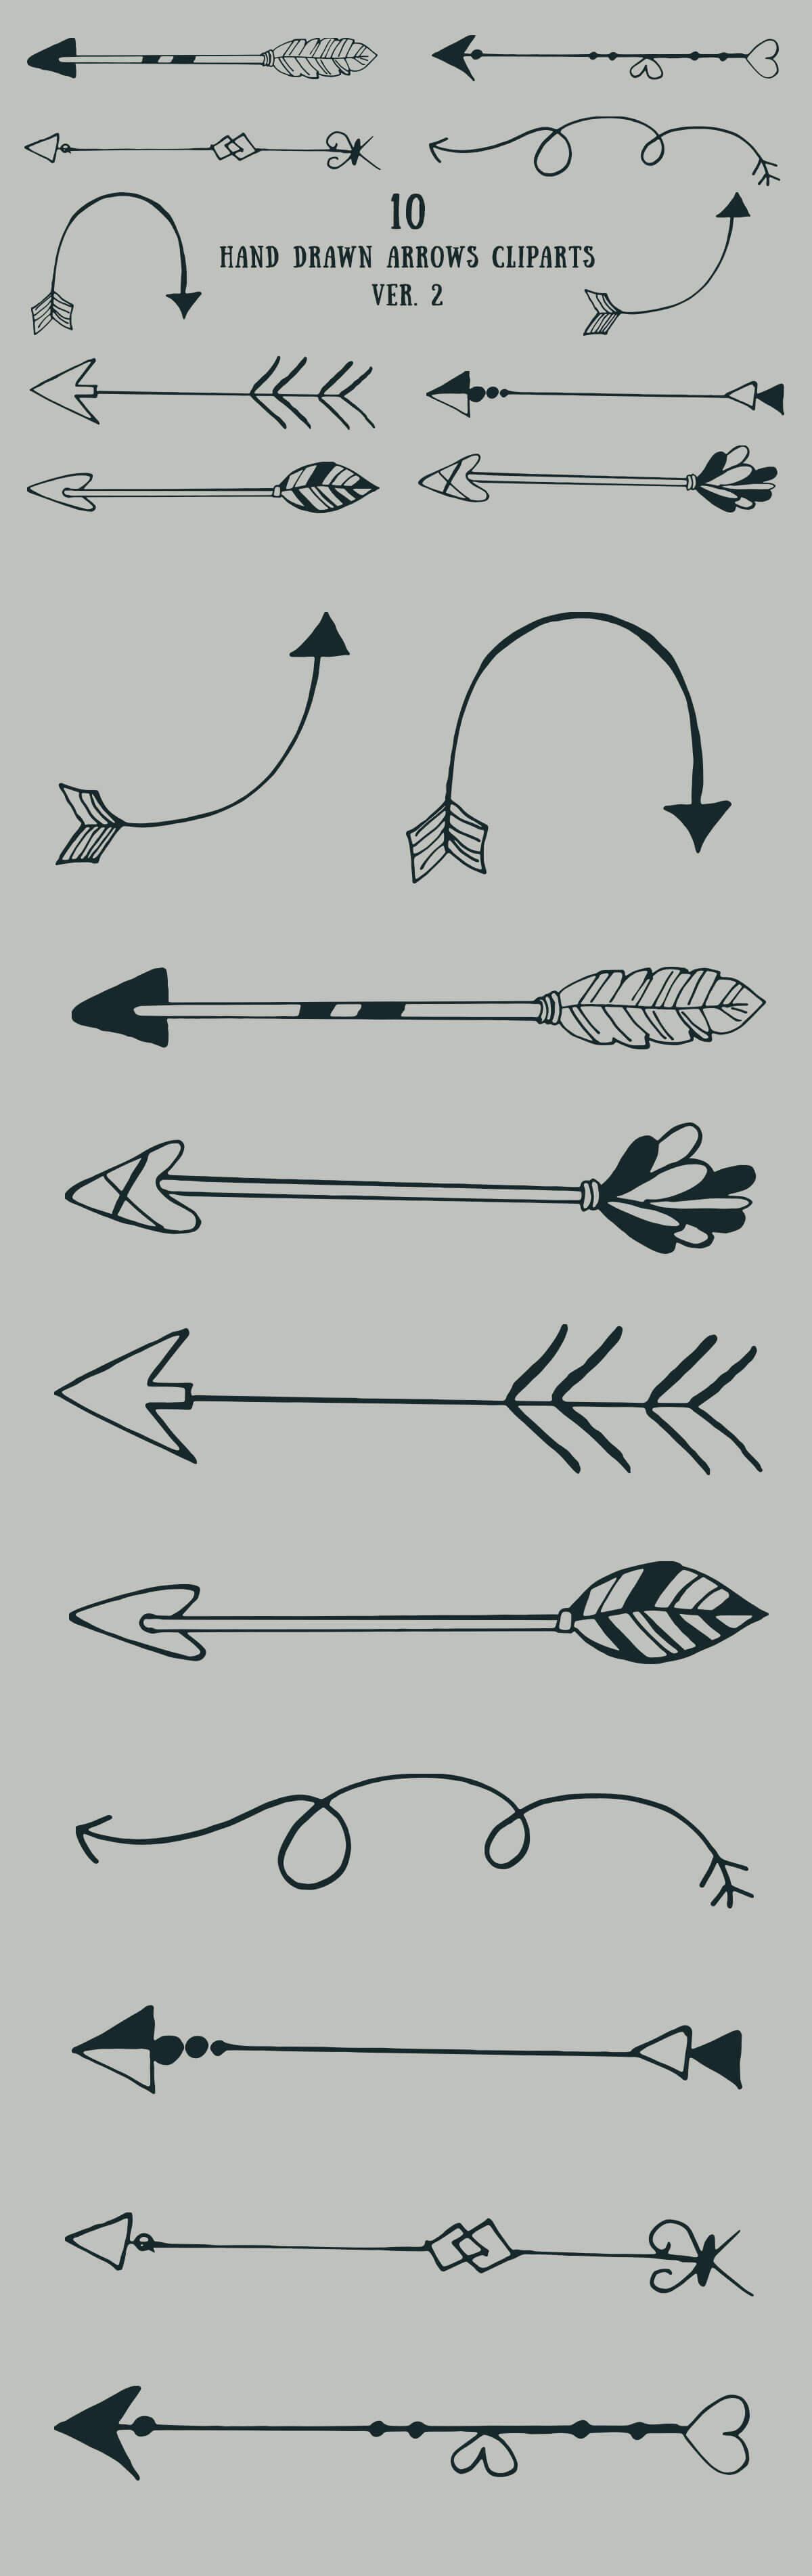 Free Handmade Arrows Cliparts V2